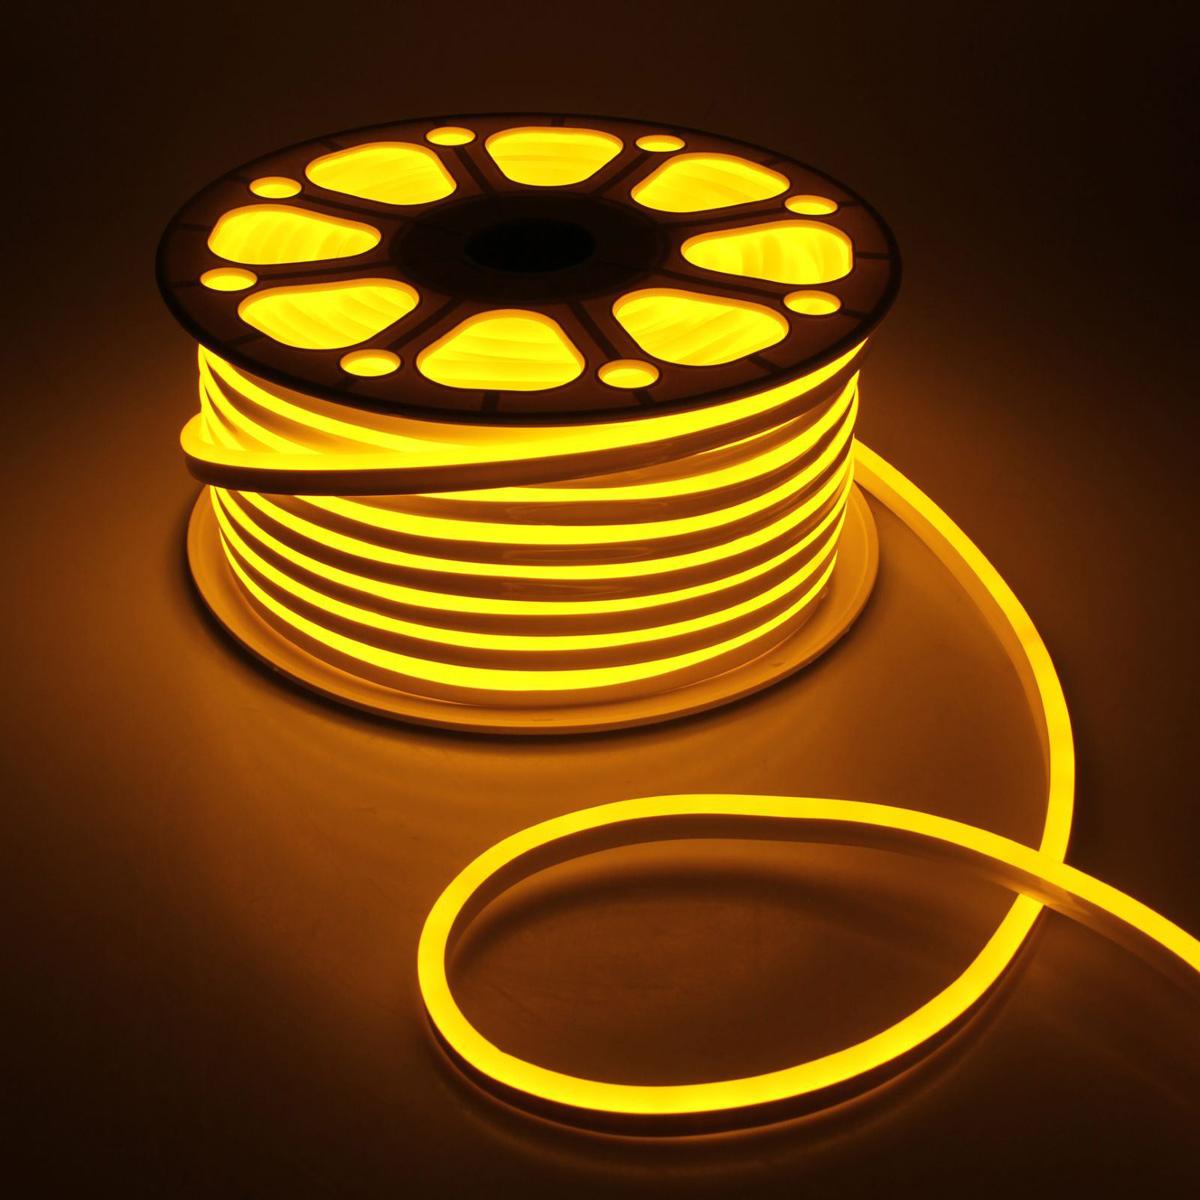 Гирлянда светодиодная Luazon, 120 ламп, 220 V, цвет: желтый, 0,8 см х 1,6 см х 50 м. 14312651431265Светодиодные гирлянды, ленты и т.д — это отличный вариант для новогоднего оформления интерьера или фасада. С их помощью помещение любого размера можно превратить в праздничный зал, а внешние элементы зданий, украшенные ими, мгновенно станут напоминать очертания сказочного дворца. Такие украшения создают ауру предвкушения чуда. Деревья, фасады, витрины, окна и арки будто специально созданы, чтобы вы украсили их светящимися нитями.